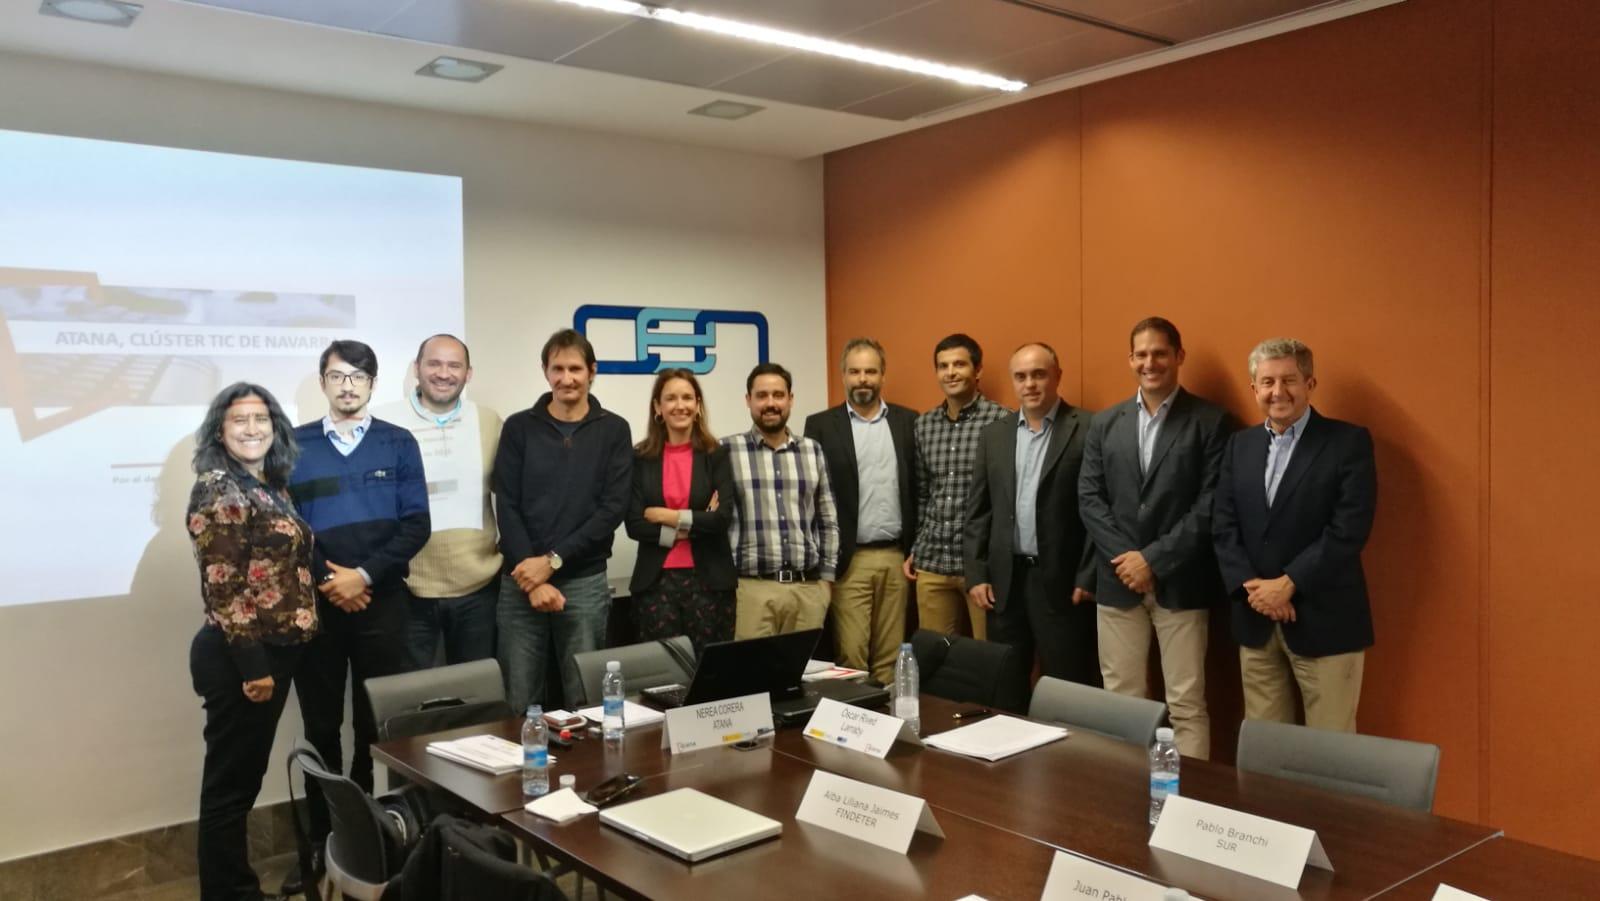 SUR Participa En Misión De Entidades Latinoamericanas A España A Través De ATANA